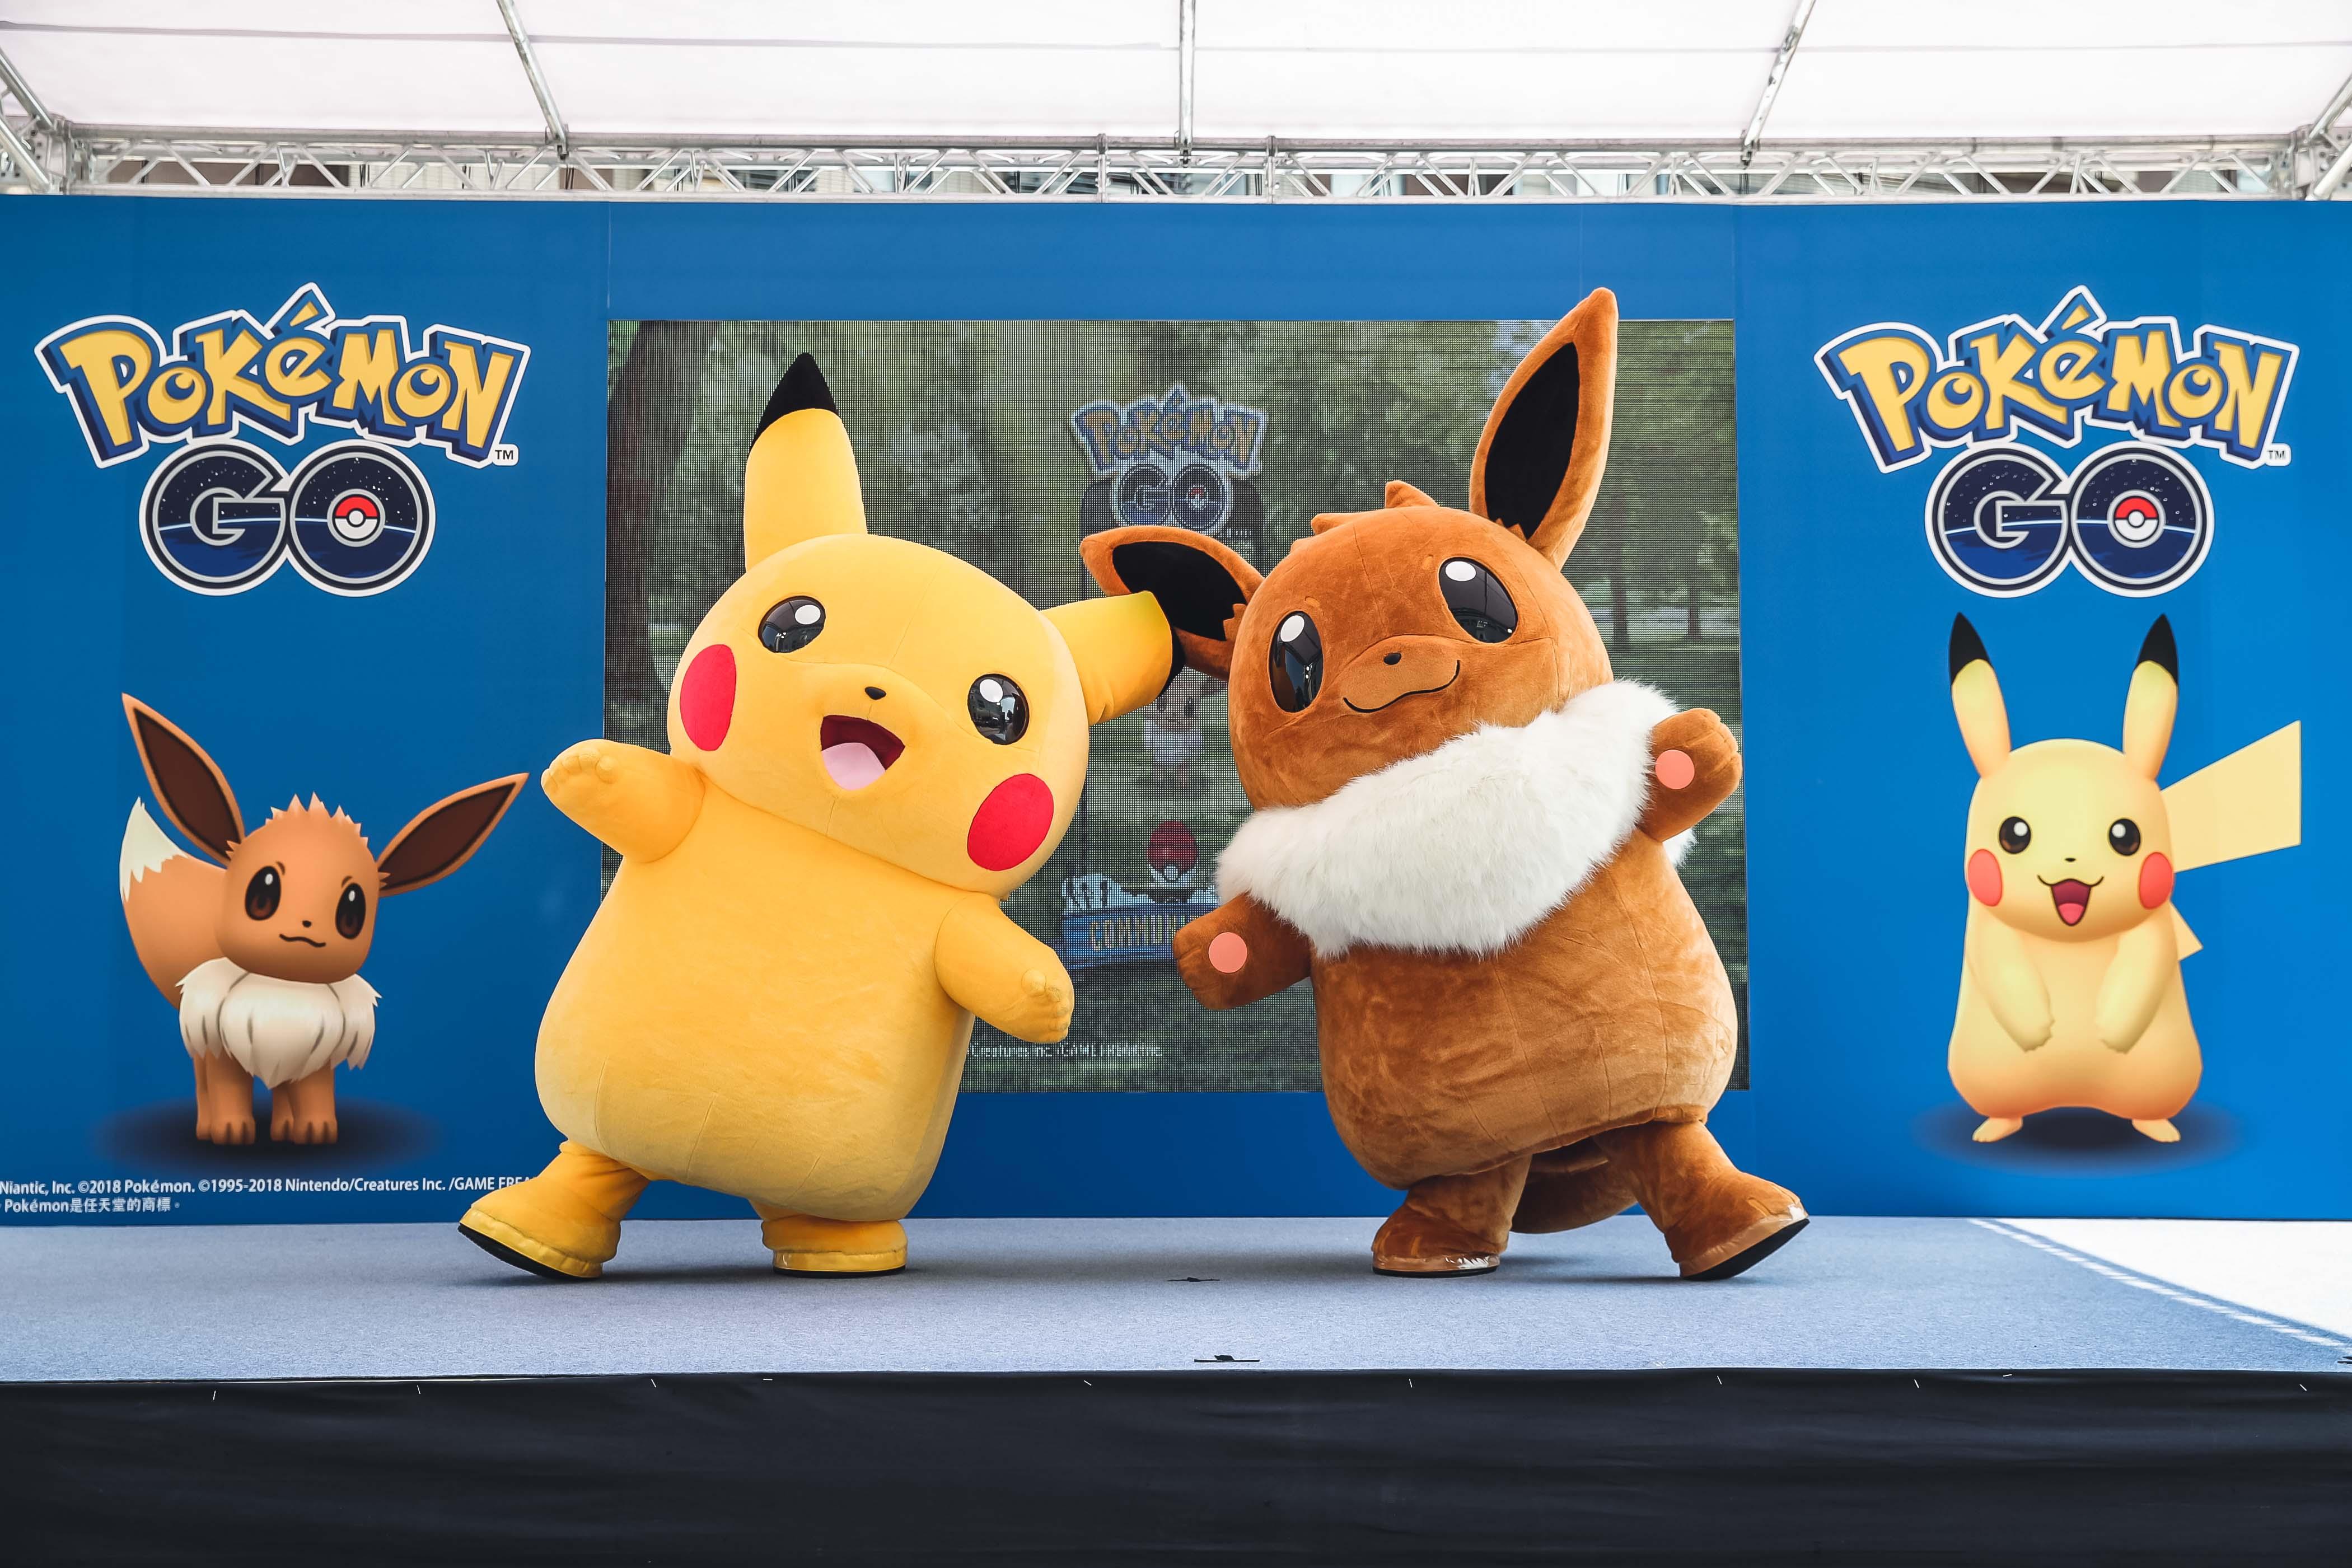 《Pokémon GO》八月社群日登場  伊布大軍讓你抓好抓滿  成為王子的「Pokémon GO朋友」  粉絲大喊超幸福!